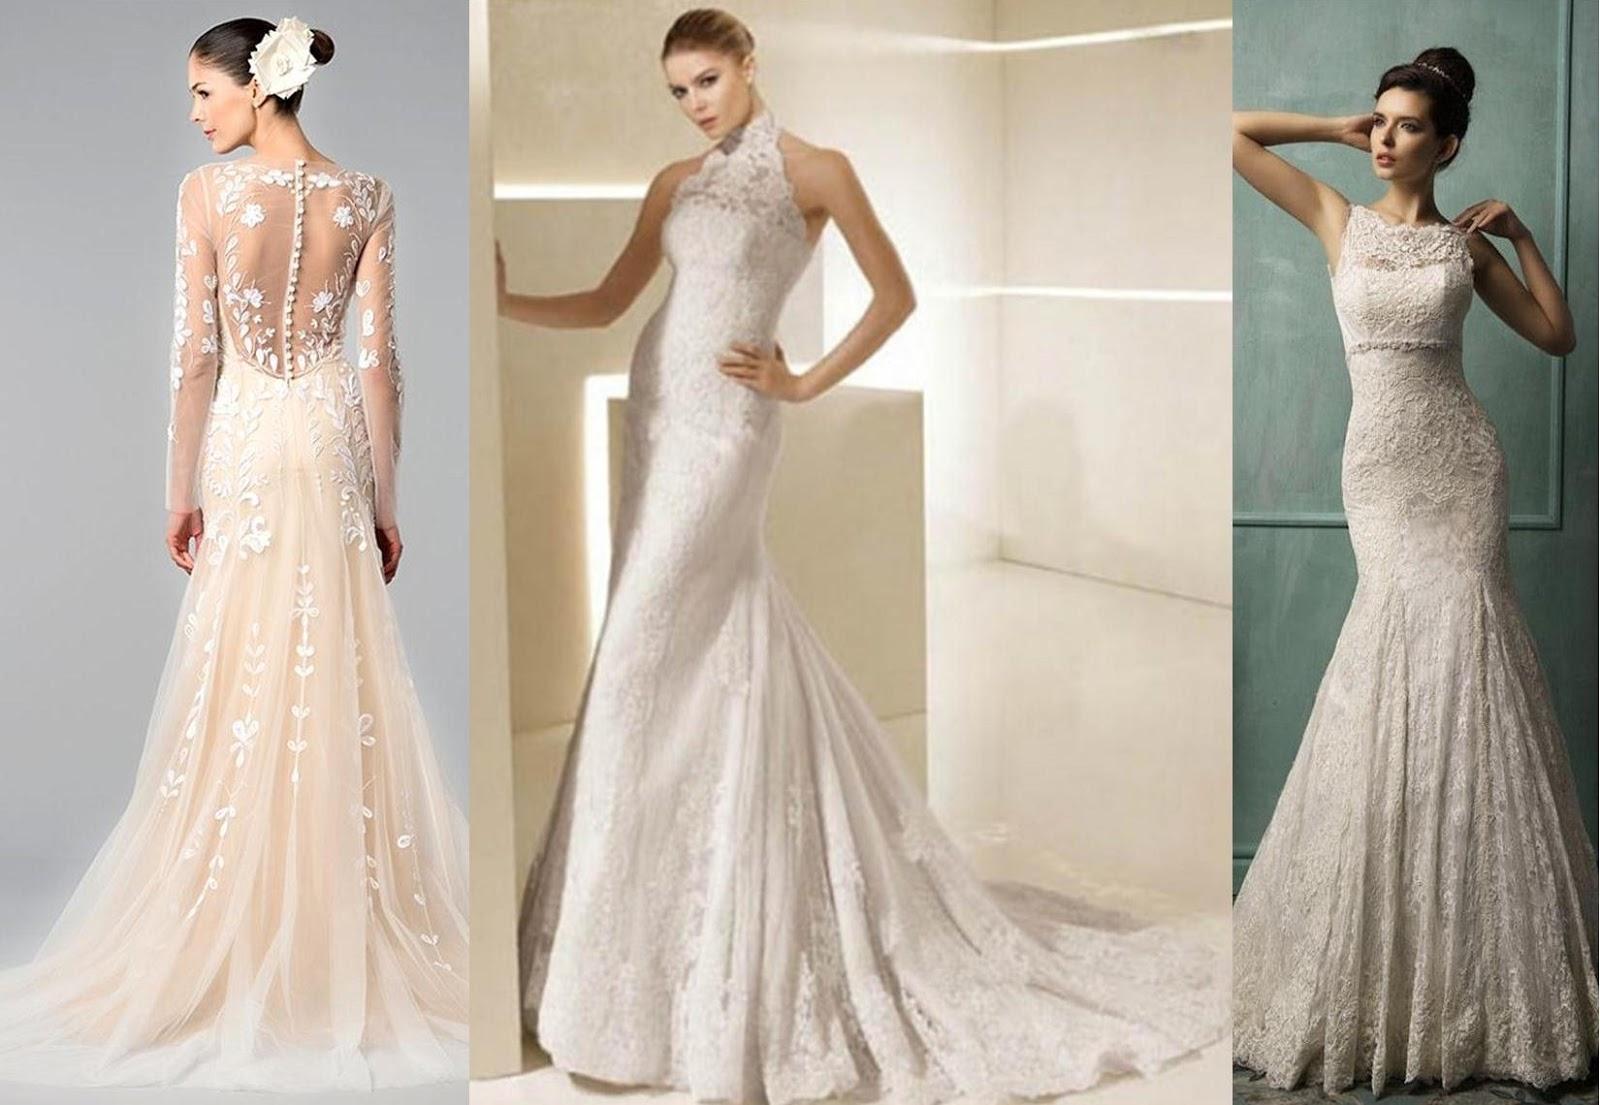 Vestidos de novia que favorecen a las bajitas